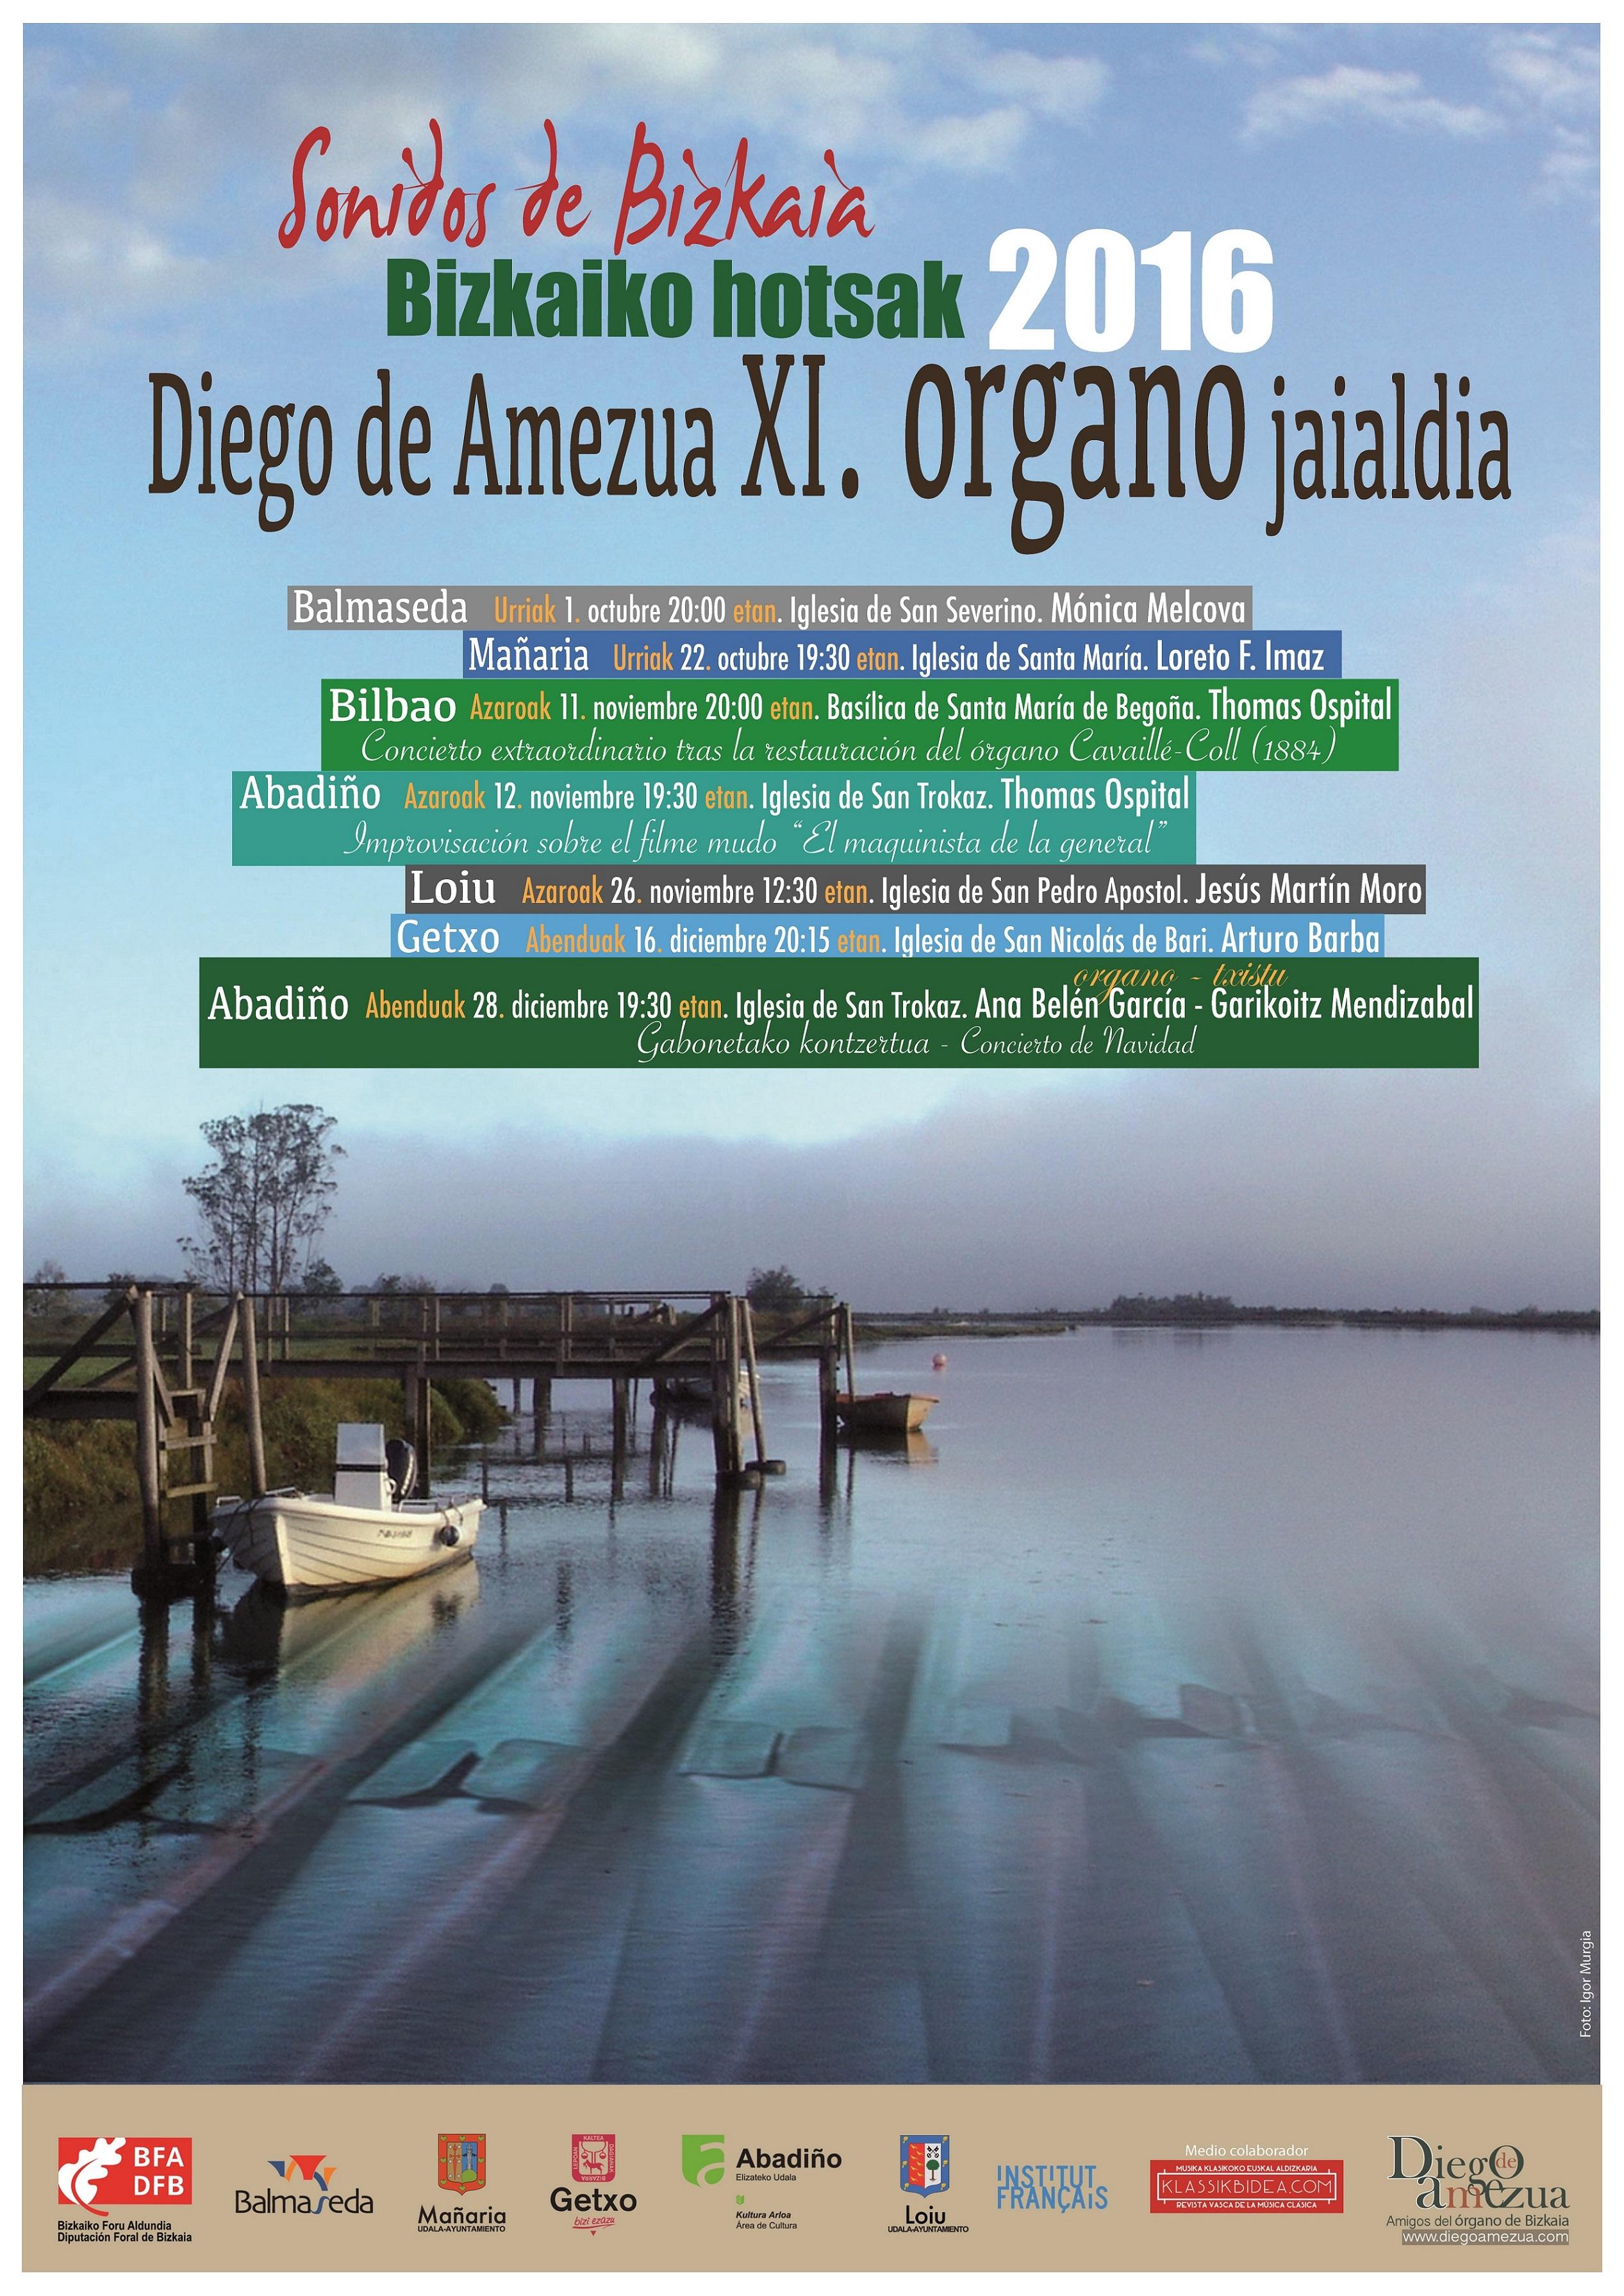 """Presentado el XI Festival de Órgano de Bizkaia """"Bizkaiko hotsak 2016"""""""